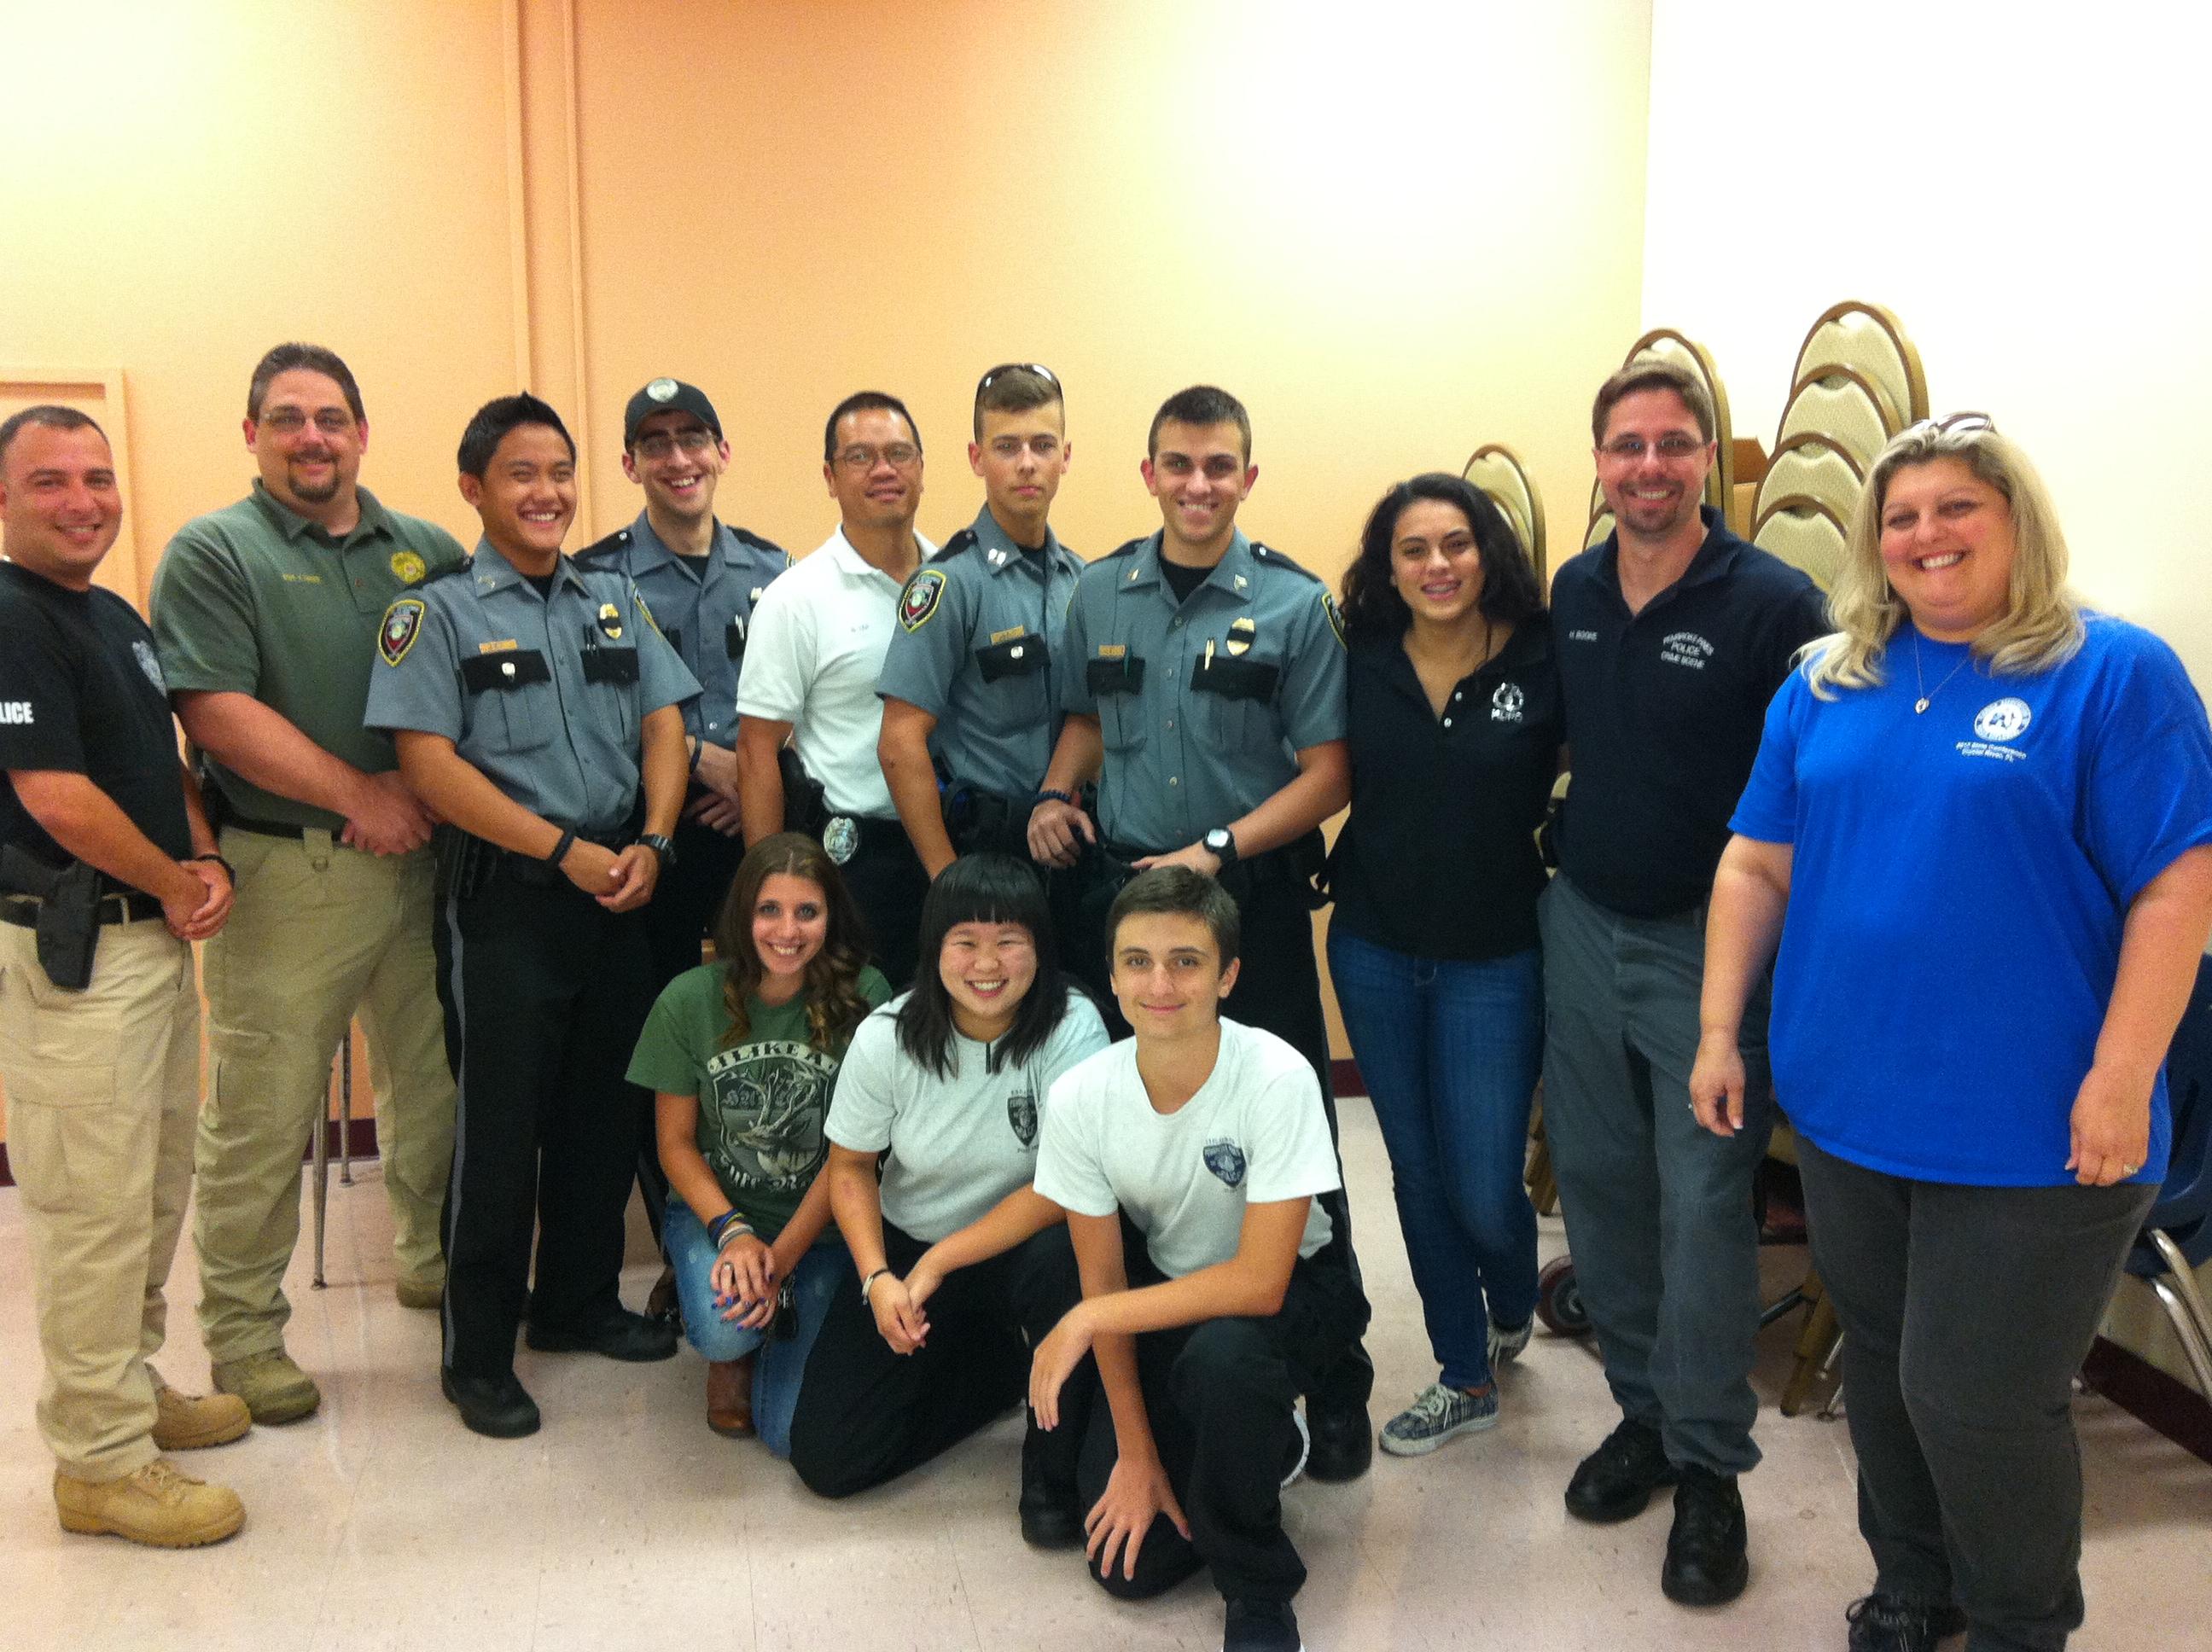 Pembroke Pines fl Police Pembroke Pines Police